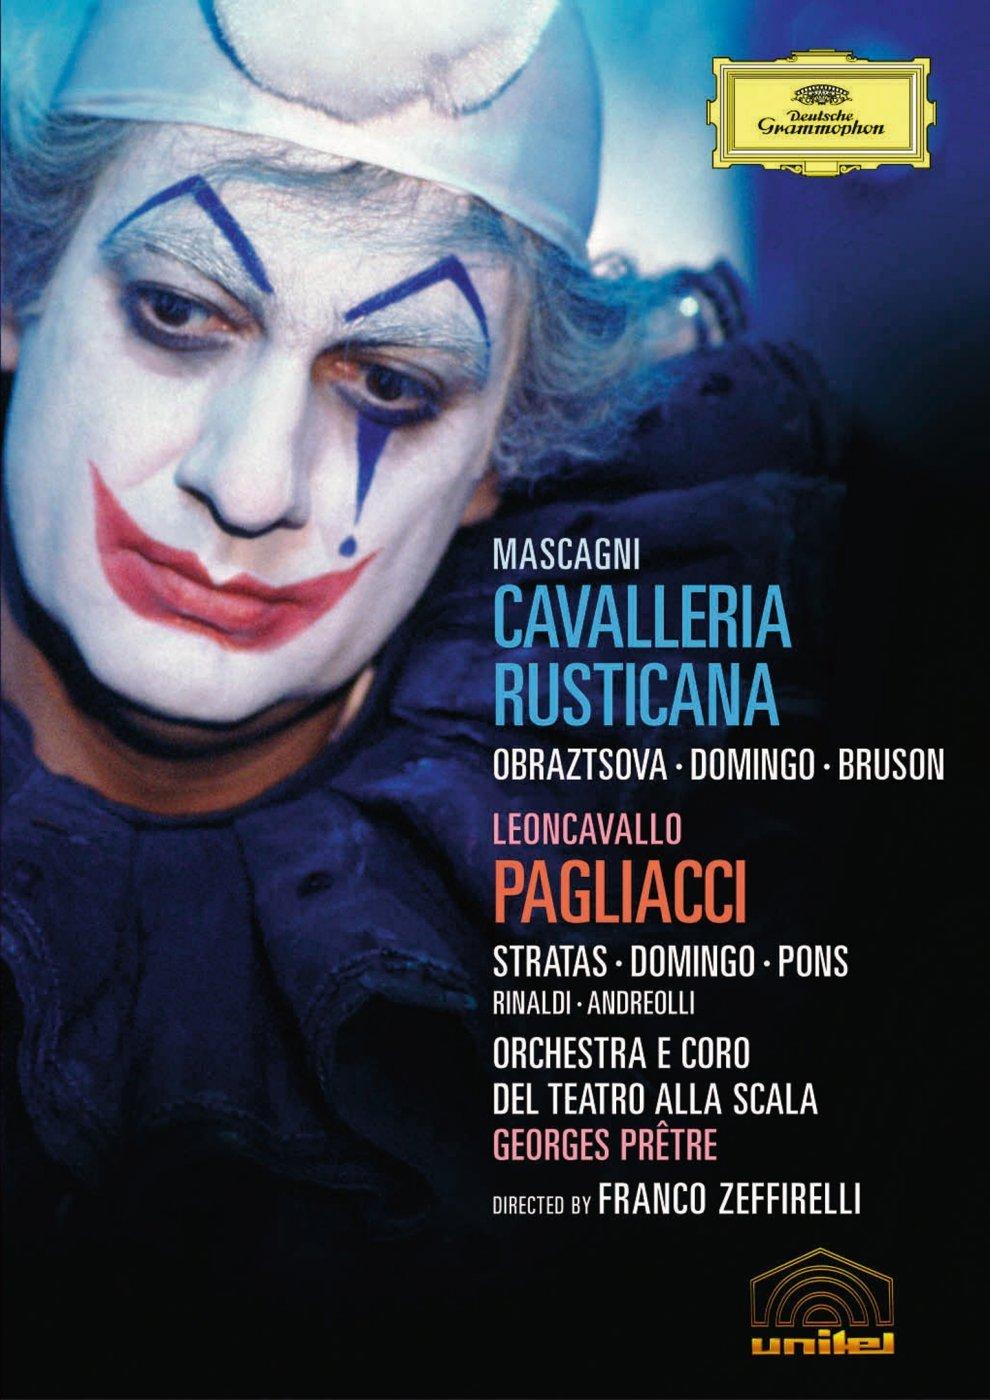 Leoncavallo - I Pagliacci Rusticana Do Mascagni Cavalleria Translated Super intense SALE